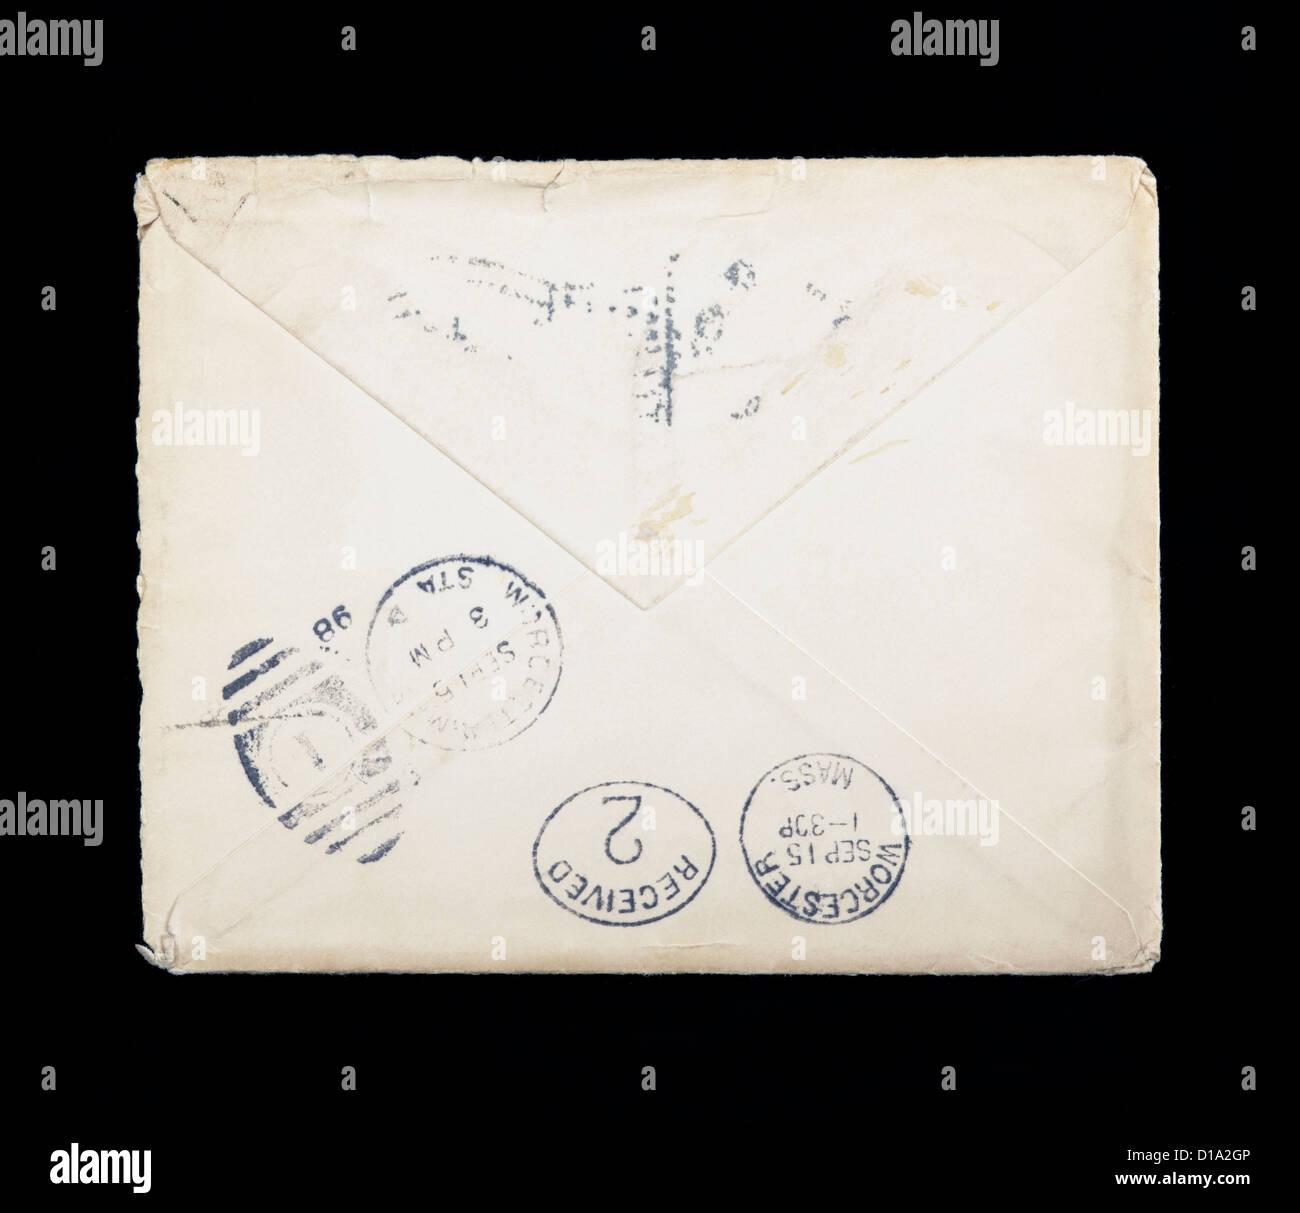 Old stamped envelope shot on black background - Stock Image